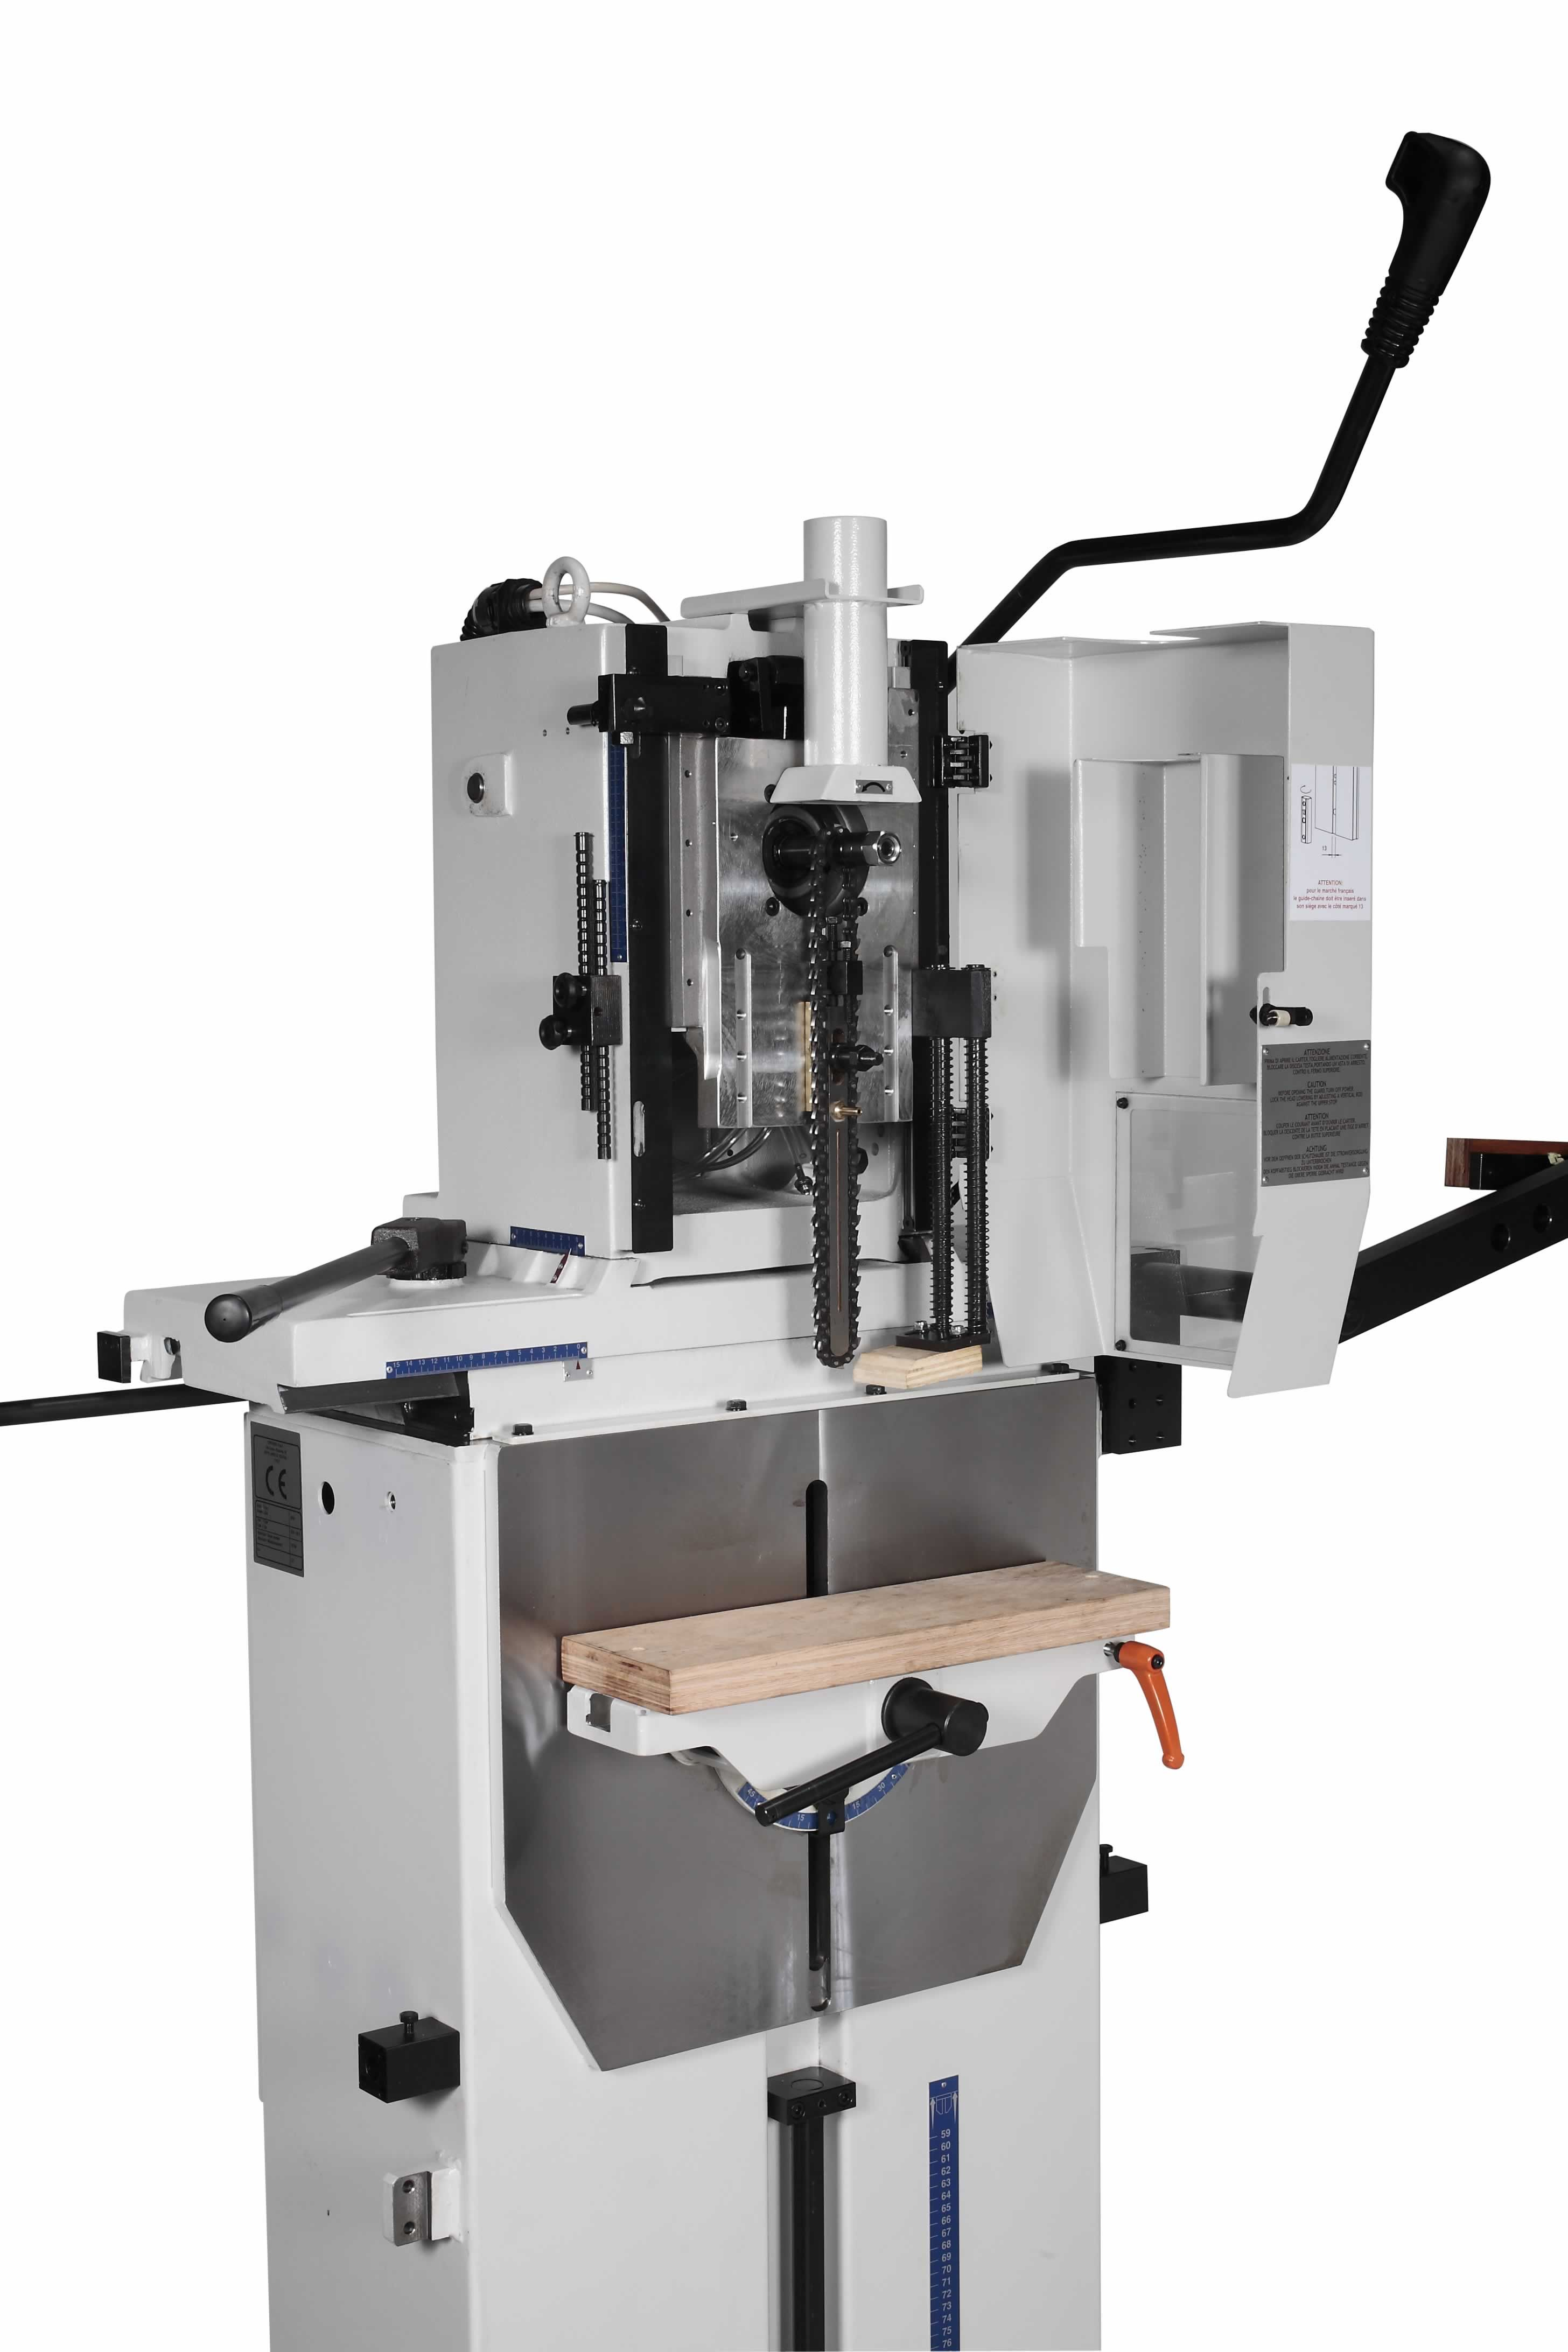 Centauro CVS15 Chain Mortising Machine Mortising machine